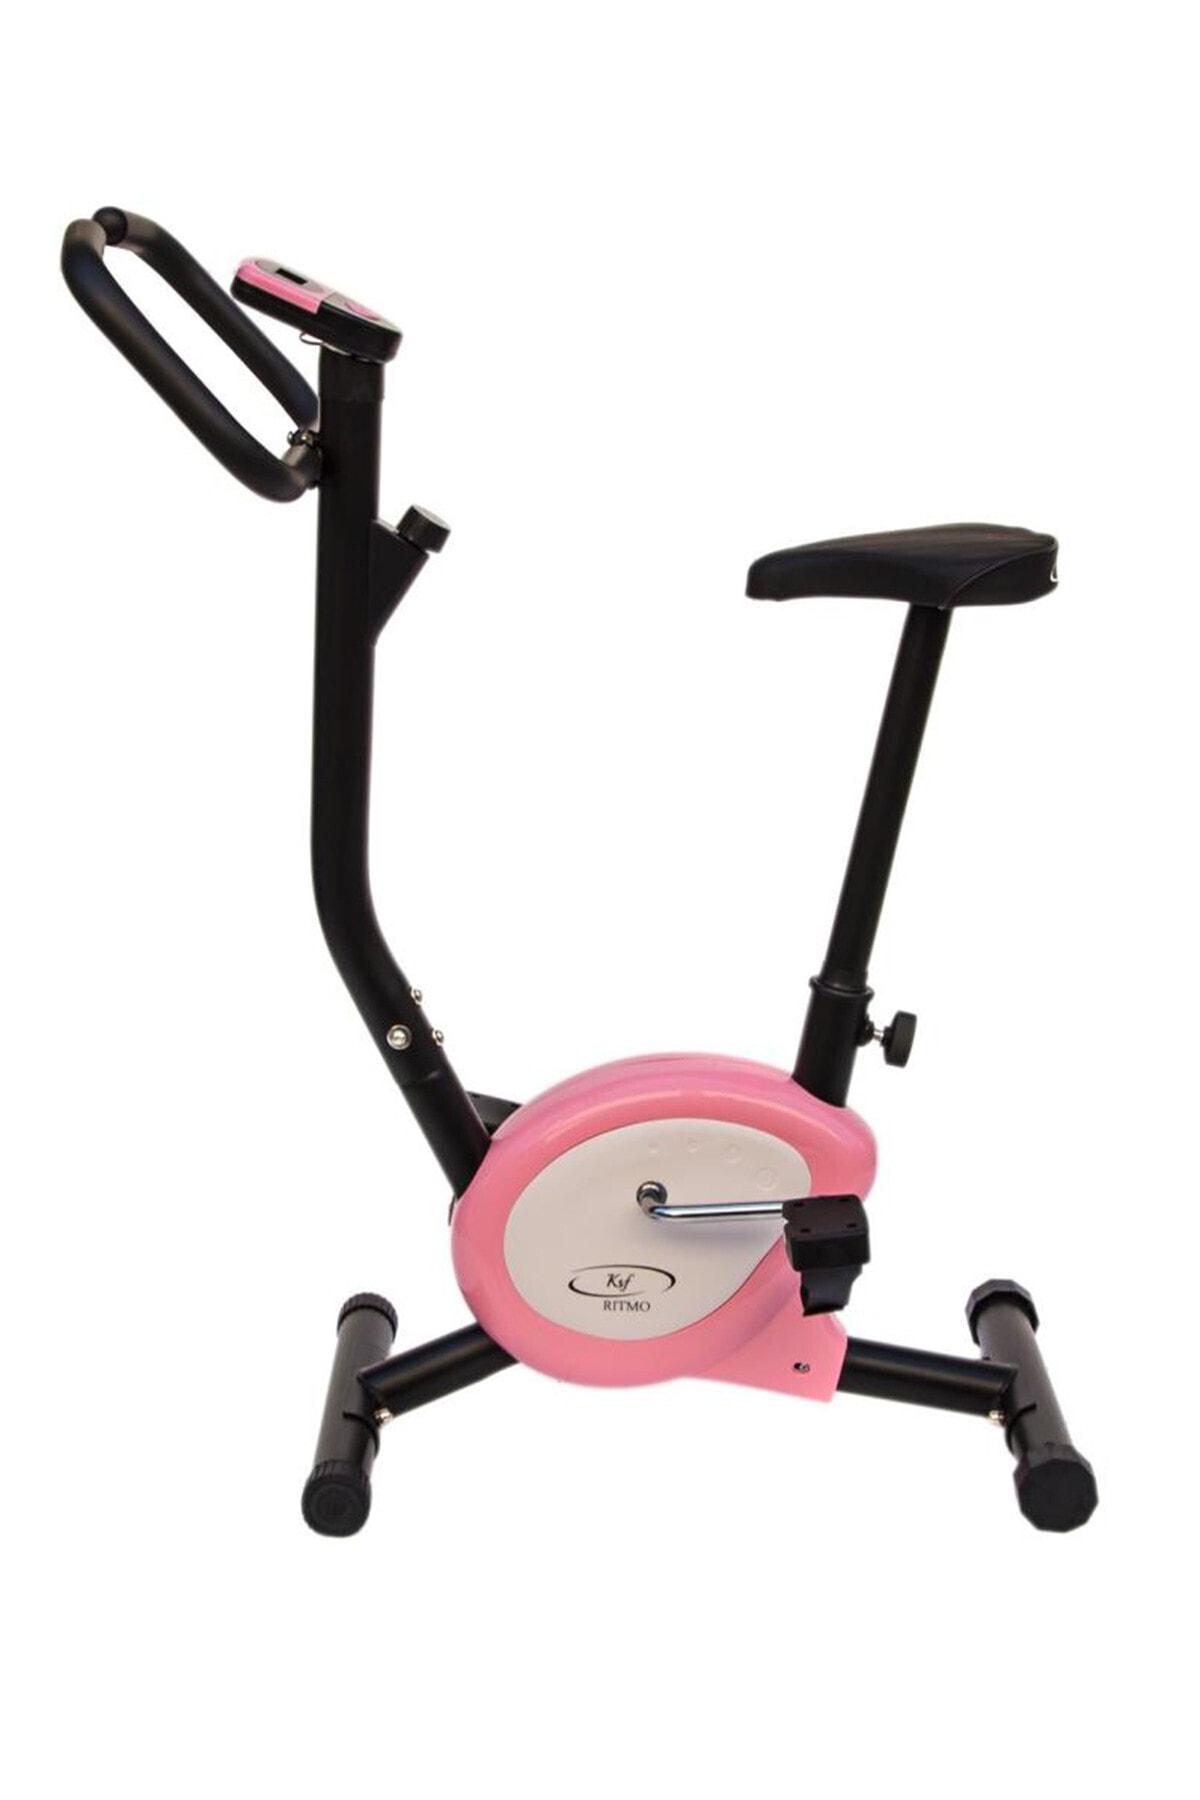 KSF Pembe Csf-01-p Dikey Kondisyon Bisikleti 2